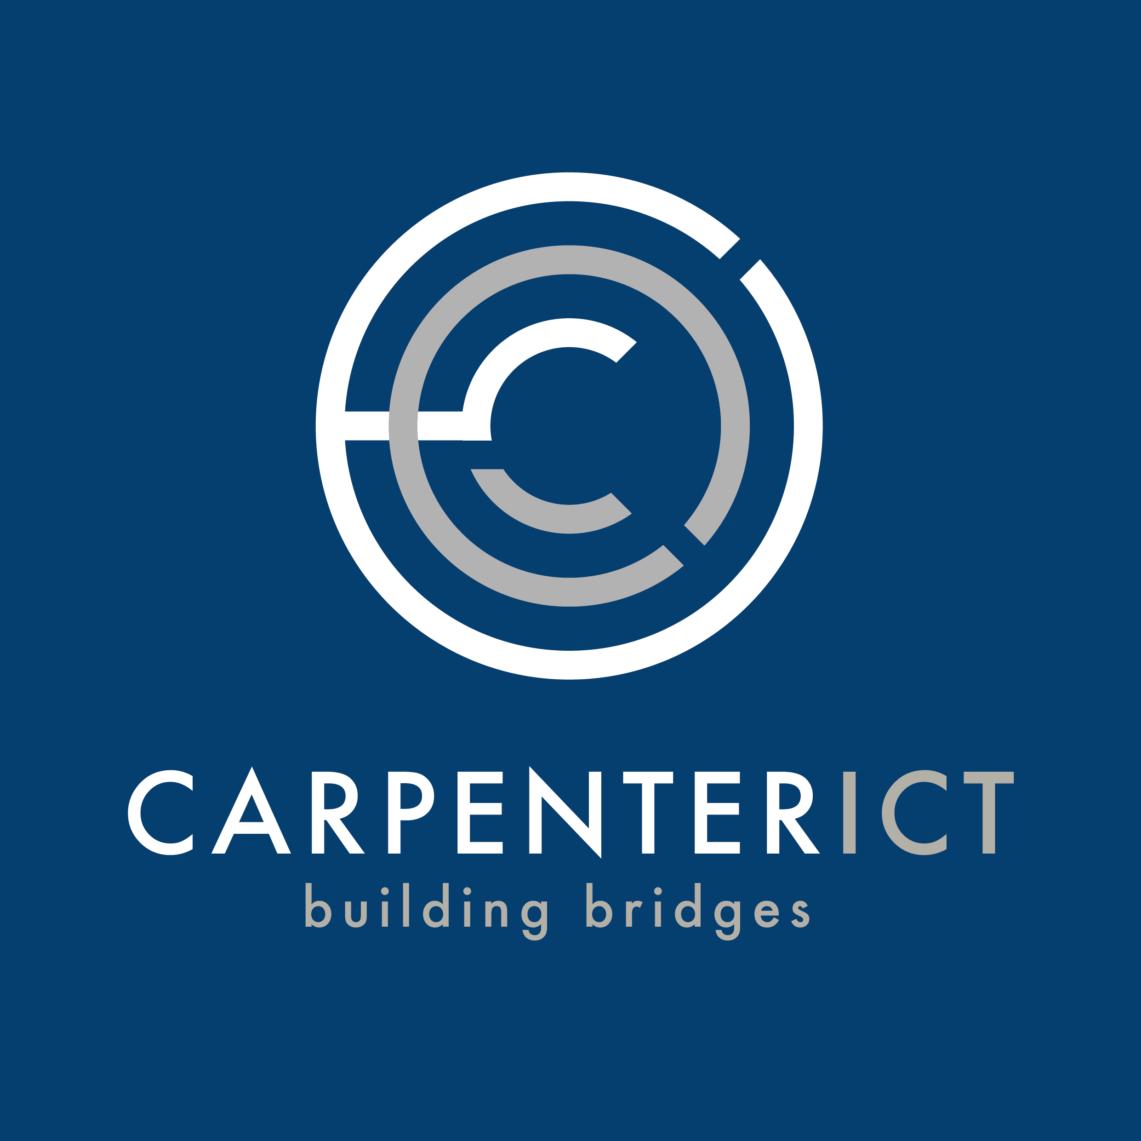 CARPENTER ICT logo visuele identiteit huisstijl webdesign